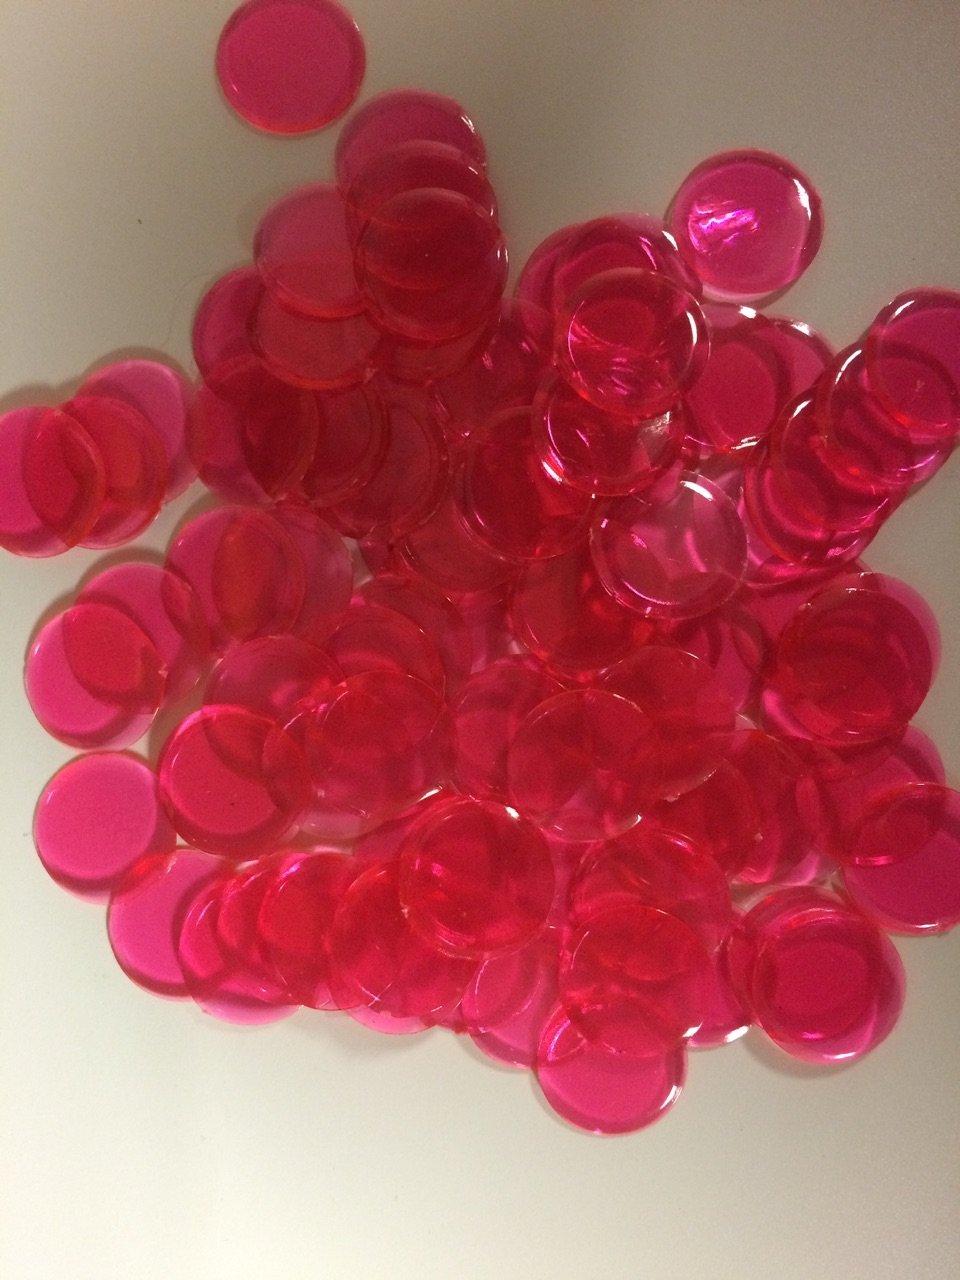 若者の大愛商品 1200プラスチックチップwith Free Storage Bag B00SNZILU0 TRANS LIGHT TRANS PINK TRANSPARENT LIGHT LIGHT LIGHT PINK, 出水市:27917e02 --- realcalcados.com.br